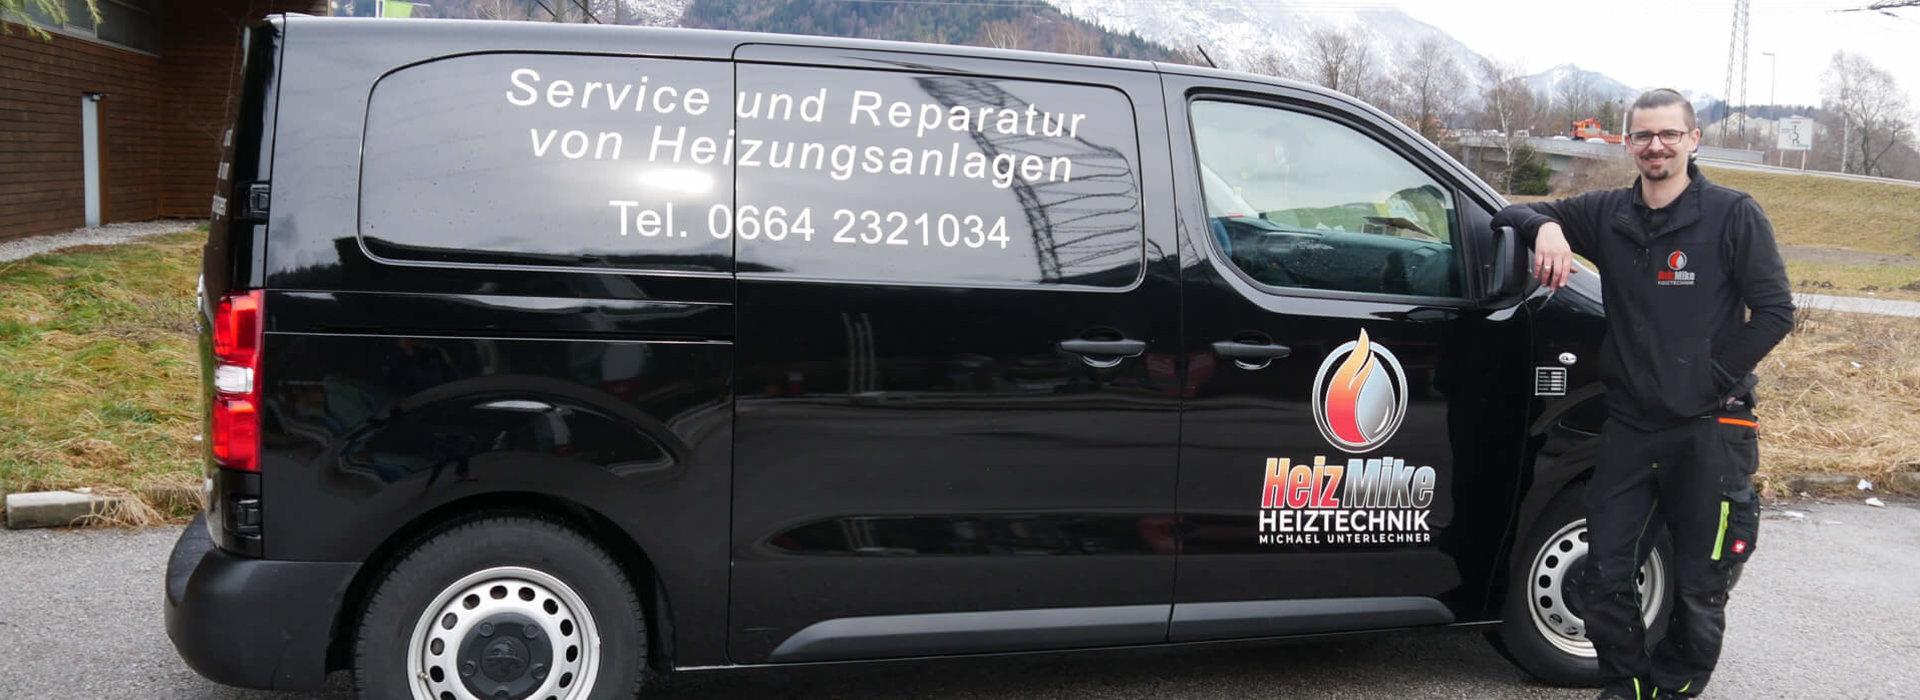 Michael Unterlechner mit seinem Firmenwagen